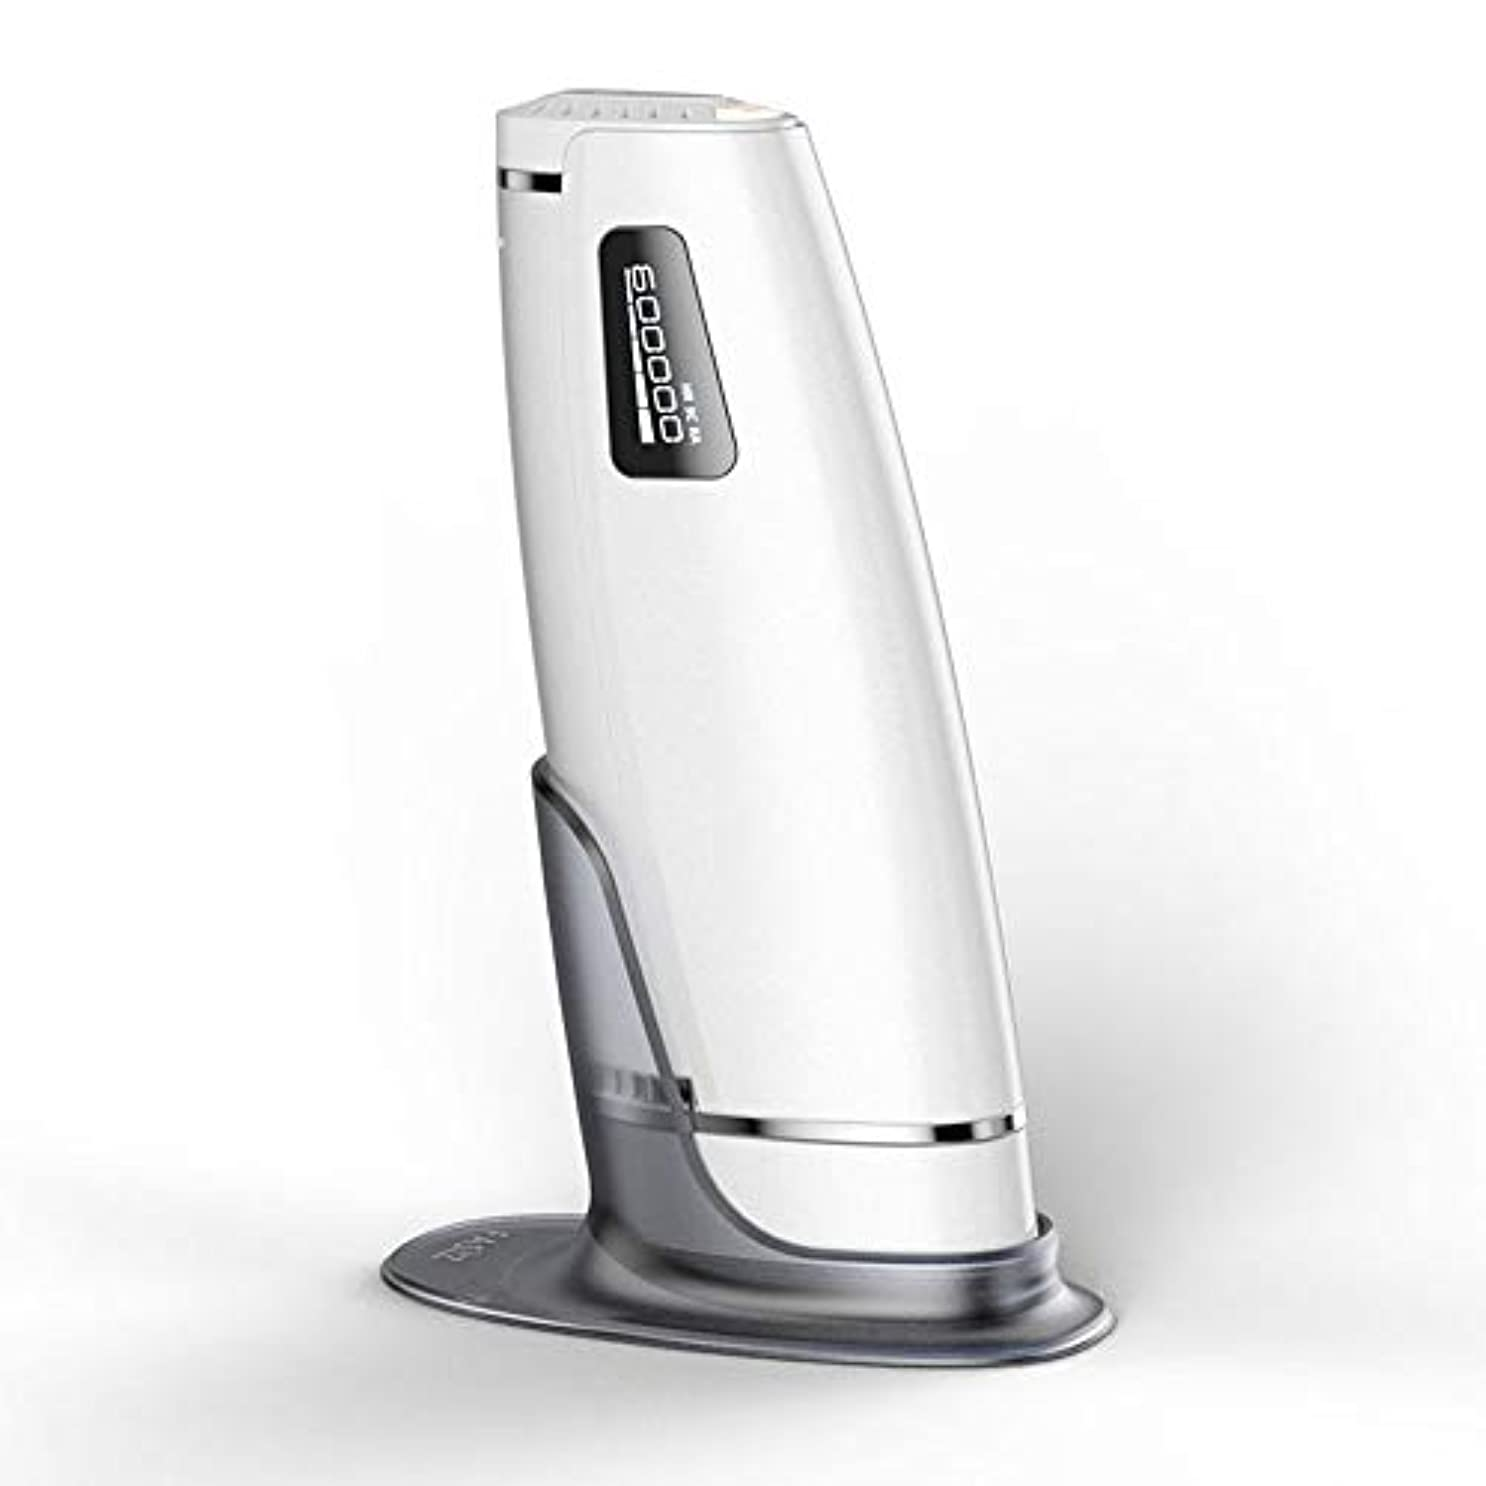 年齢テンポ駅Nuanxin 家庭用自動痛みのない毛の除去剤、白、携帯用永久的な毛の除去剤、二重モード、5つの速度調節、サイズ20.5 X 4.5 X 7 Cm F30